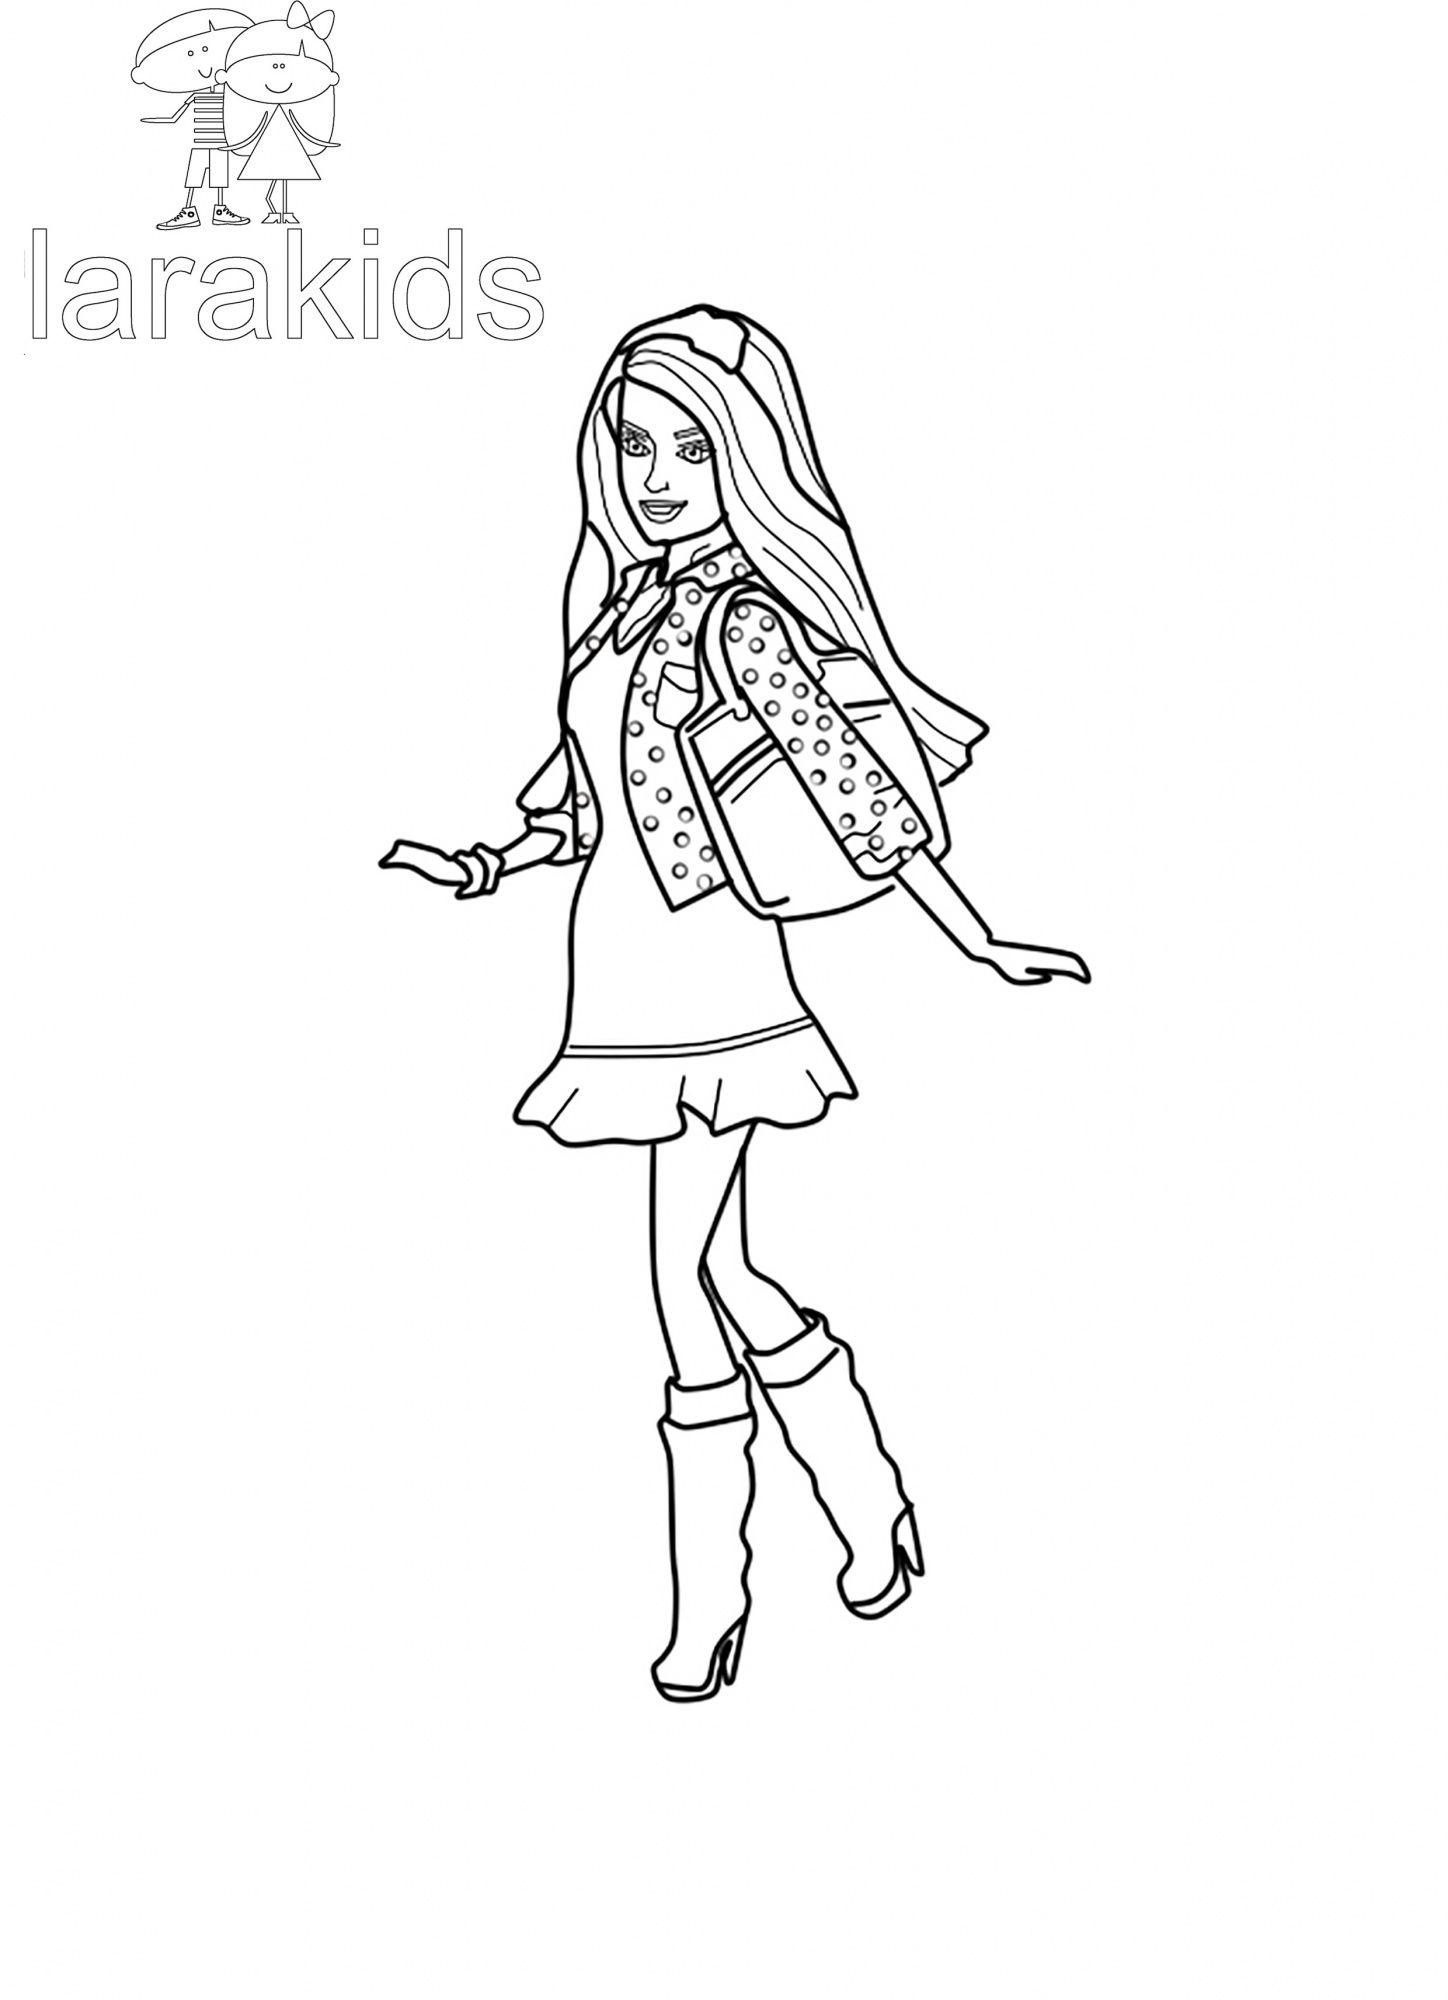 Barbie Ausmalbilder Kostenlos Zum Drucken : Drucken F Rbung Barbie Teresa In Einem Kleid Ausmalbilder Barbie